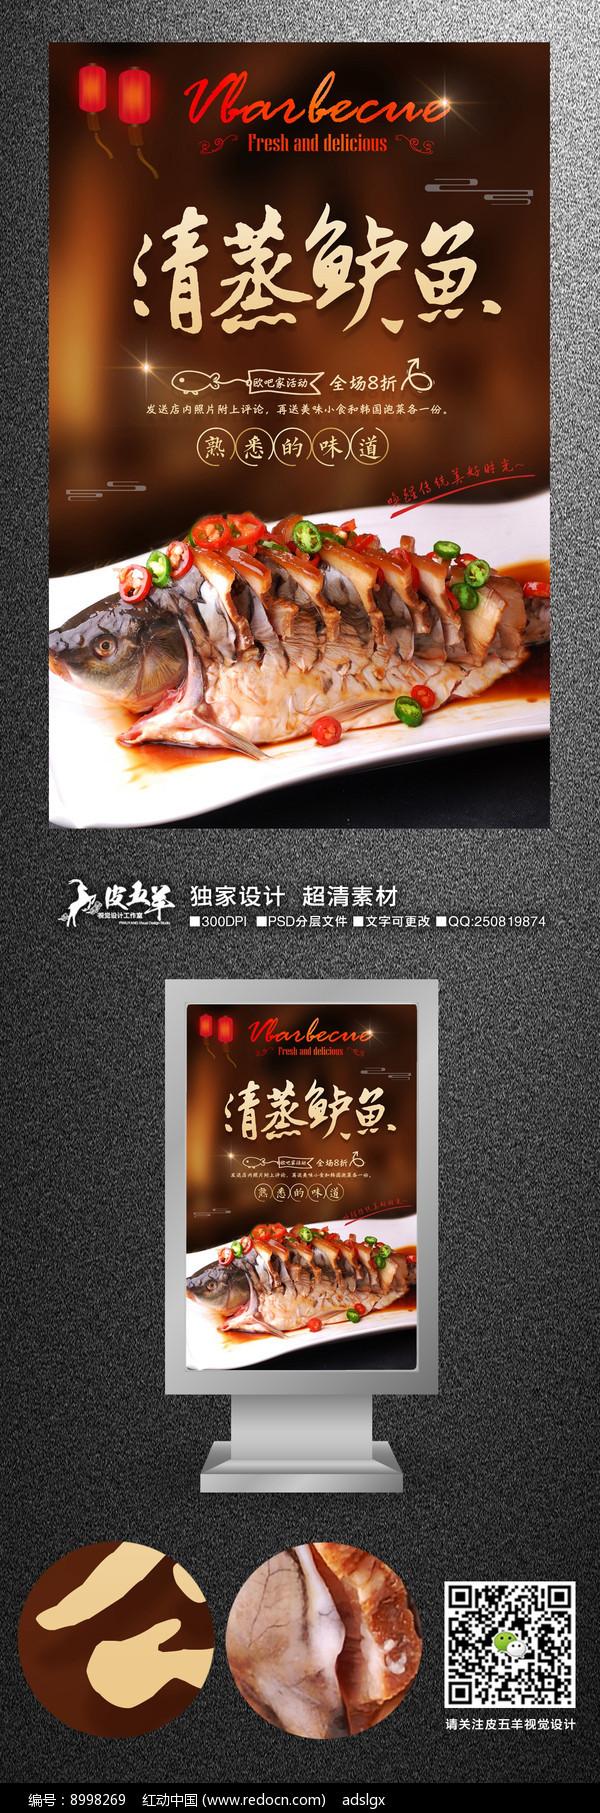 美味清蒸鲈鱼海报图片